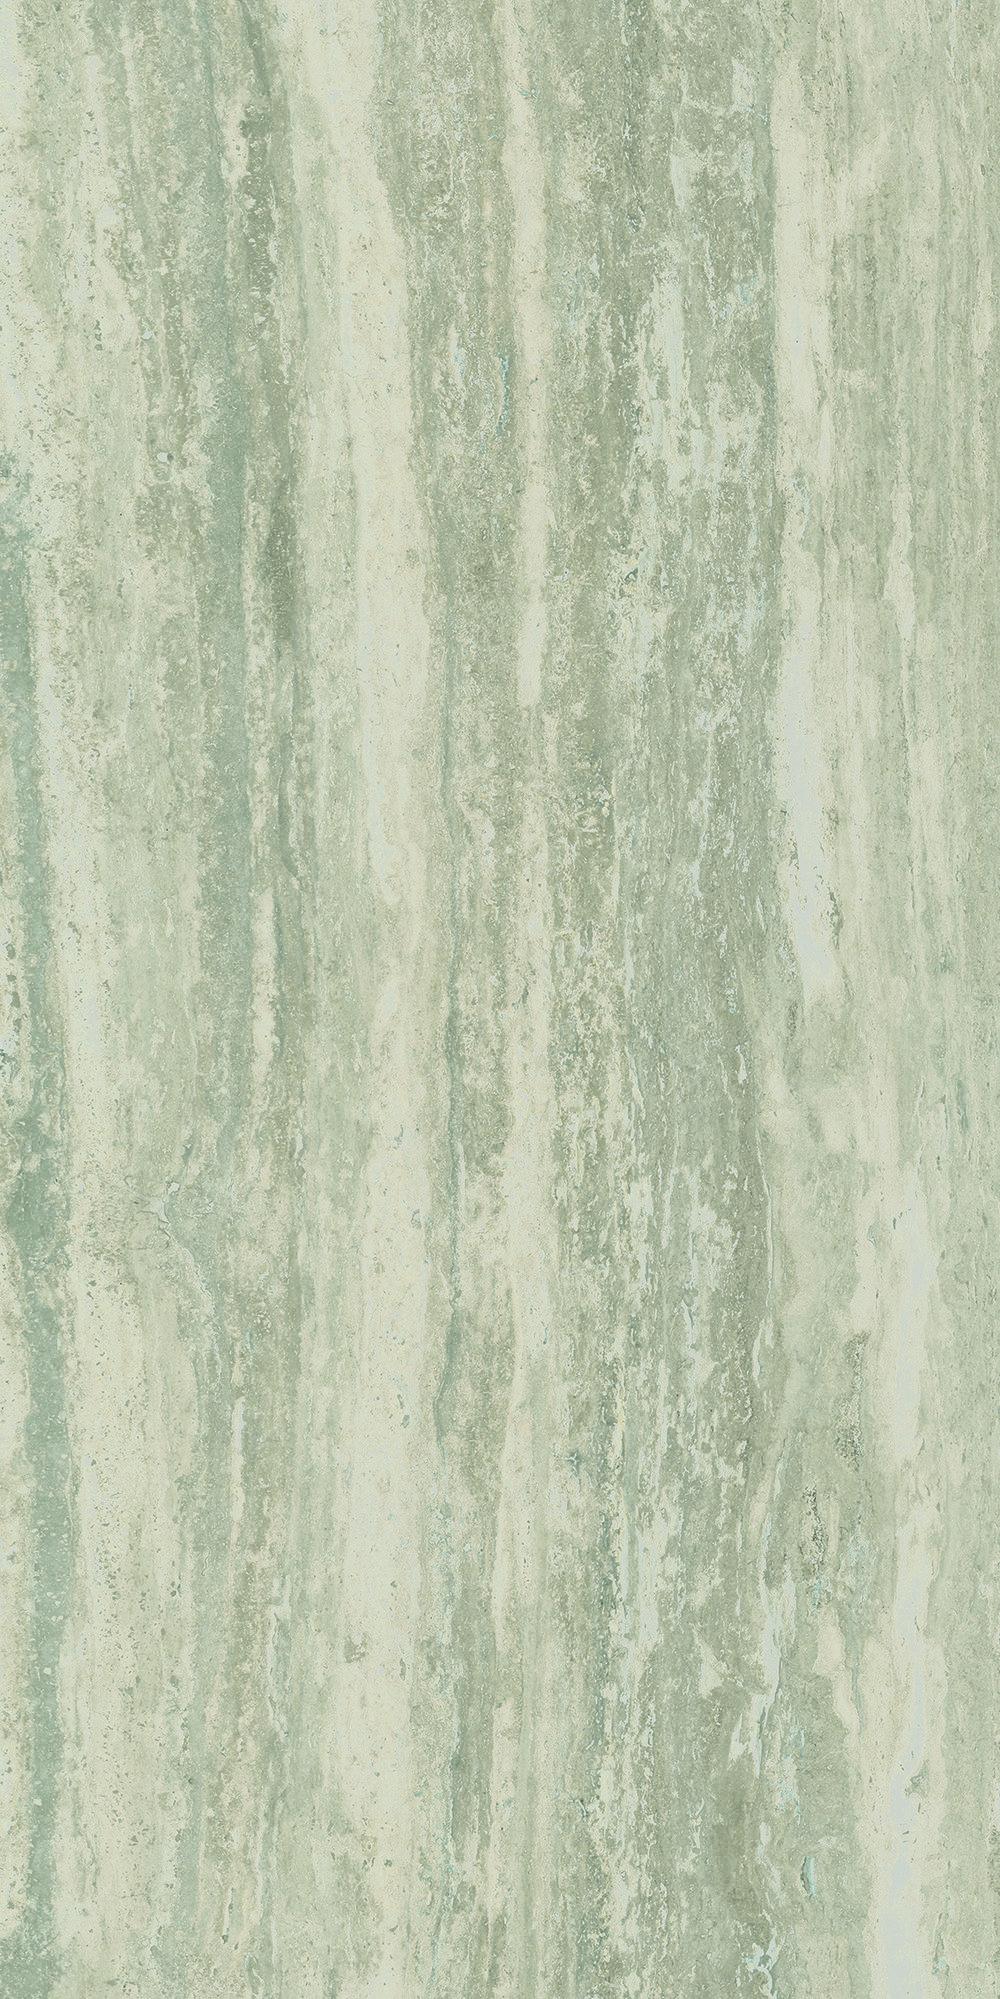 Beige Travertine - Thin Porcelain